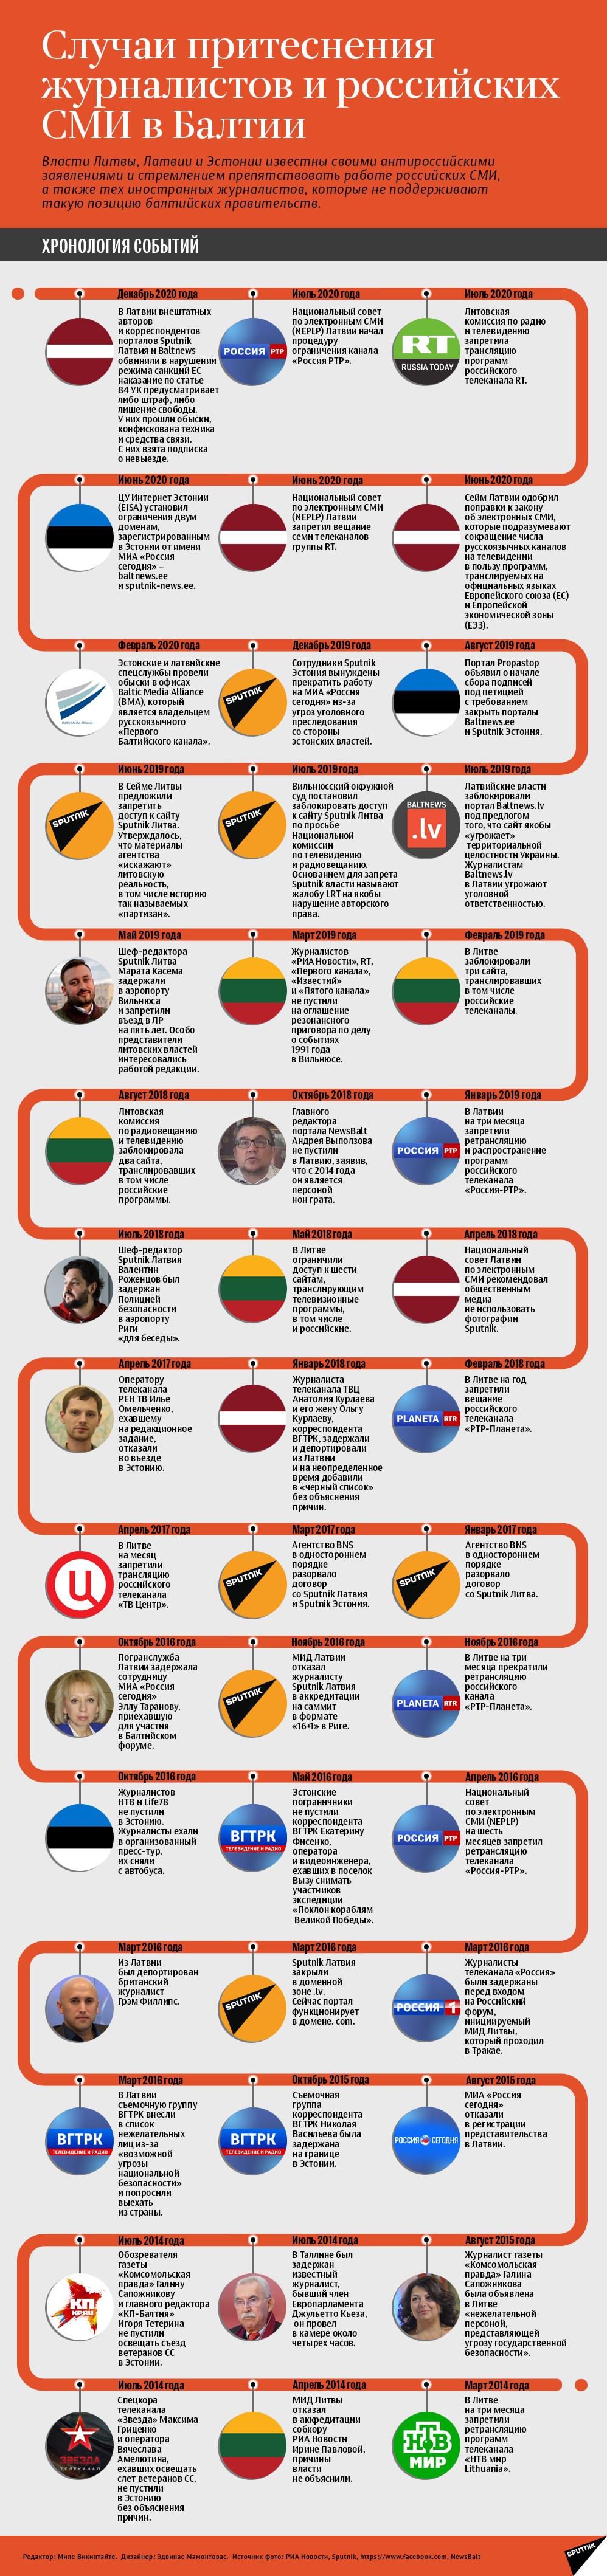 Случаи притеснения журналистов и российских СМИ в Балтии - Sputnik Латвия